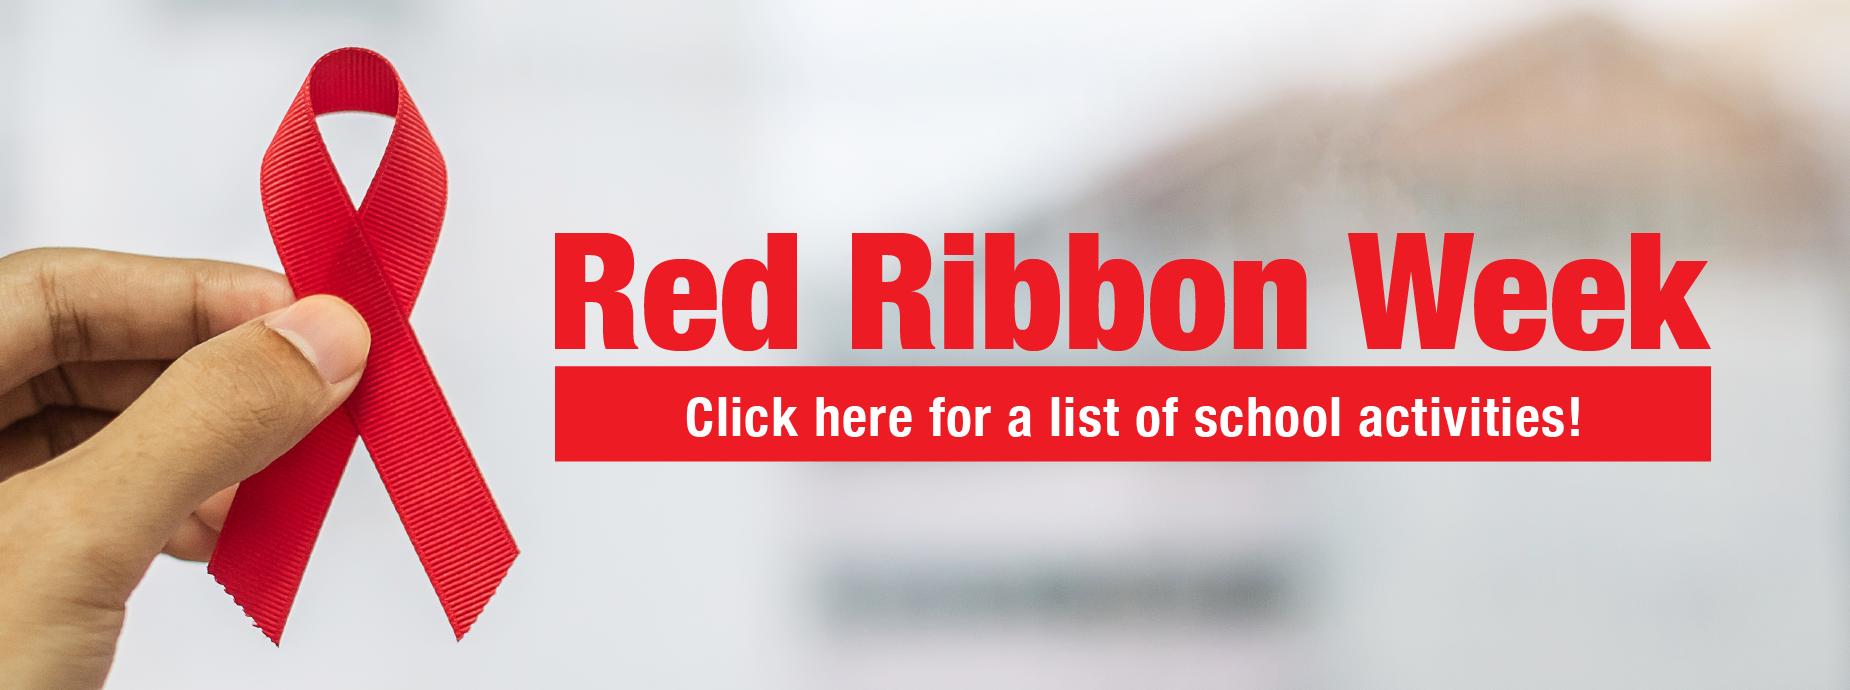 Red Ribbon Week 2020 Banner